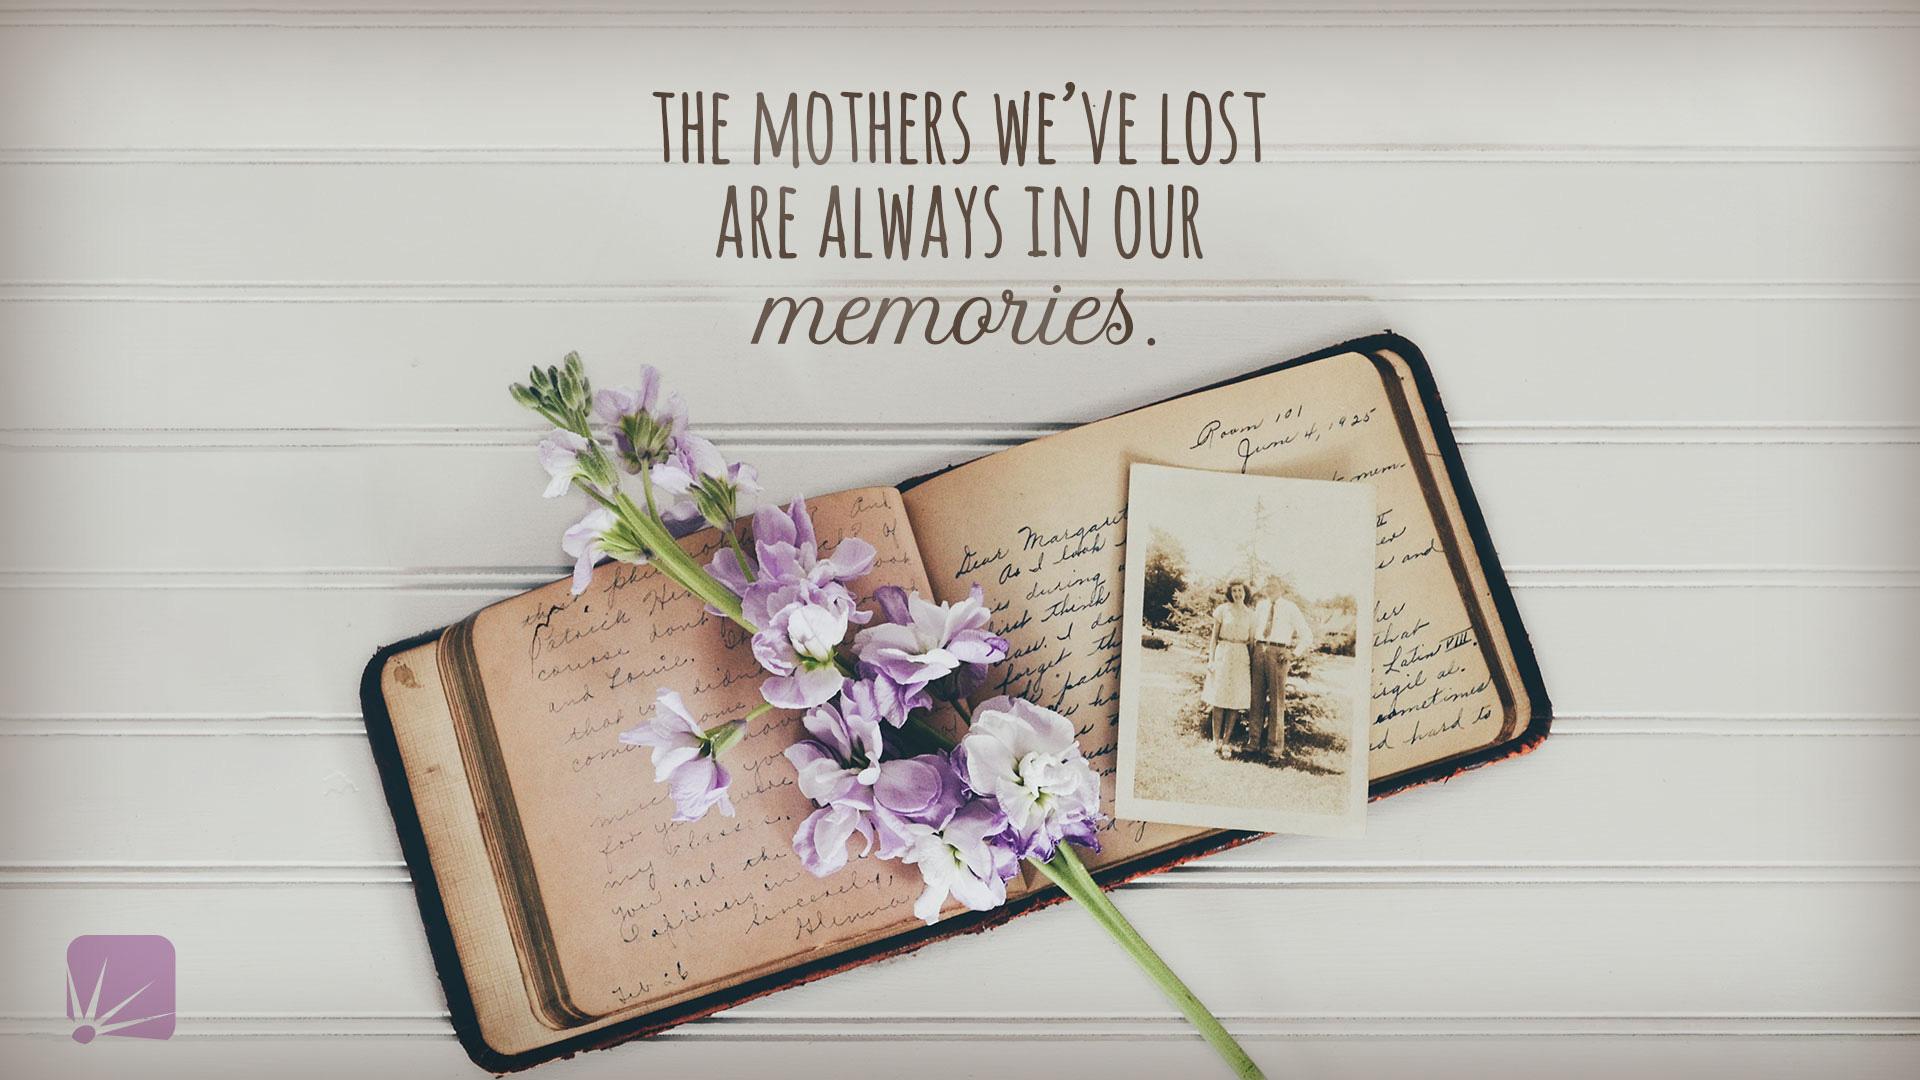 La madre que hemos perdido está siempre en nuestros recuerdos.